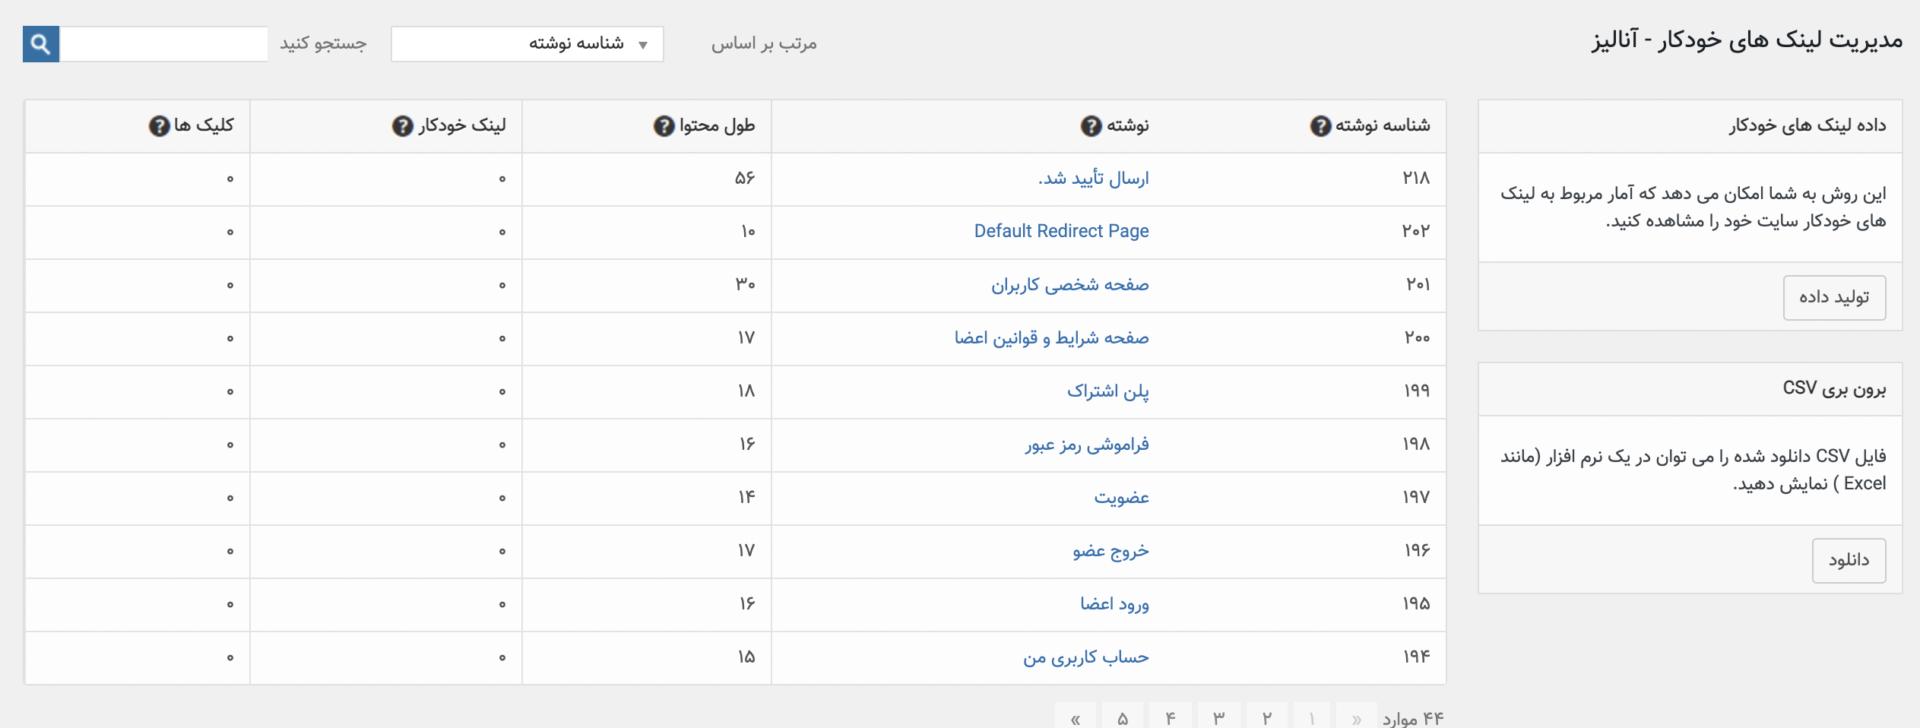 افزونه Autolinks Manager Pro | افزونه لینک داخلی وردپرس | افزونه بهبود سئو Autolinks | بهبود سئو سایت | لینک سازی خودکار | افزونه اتولینک منیجر پرو